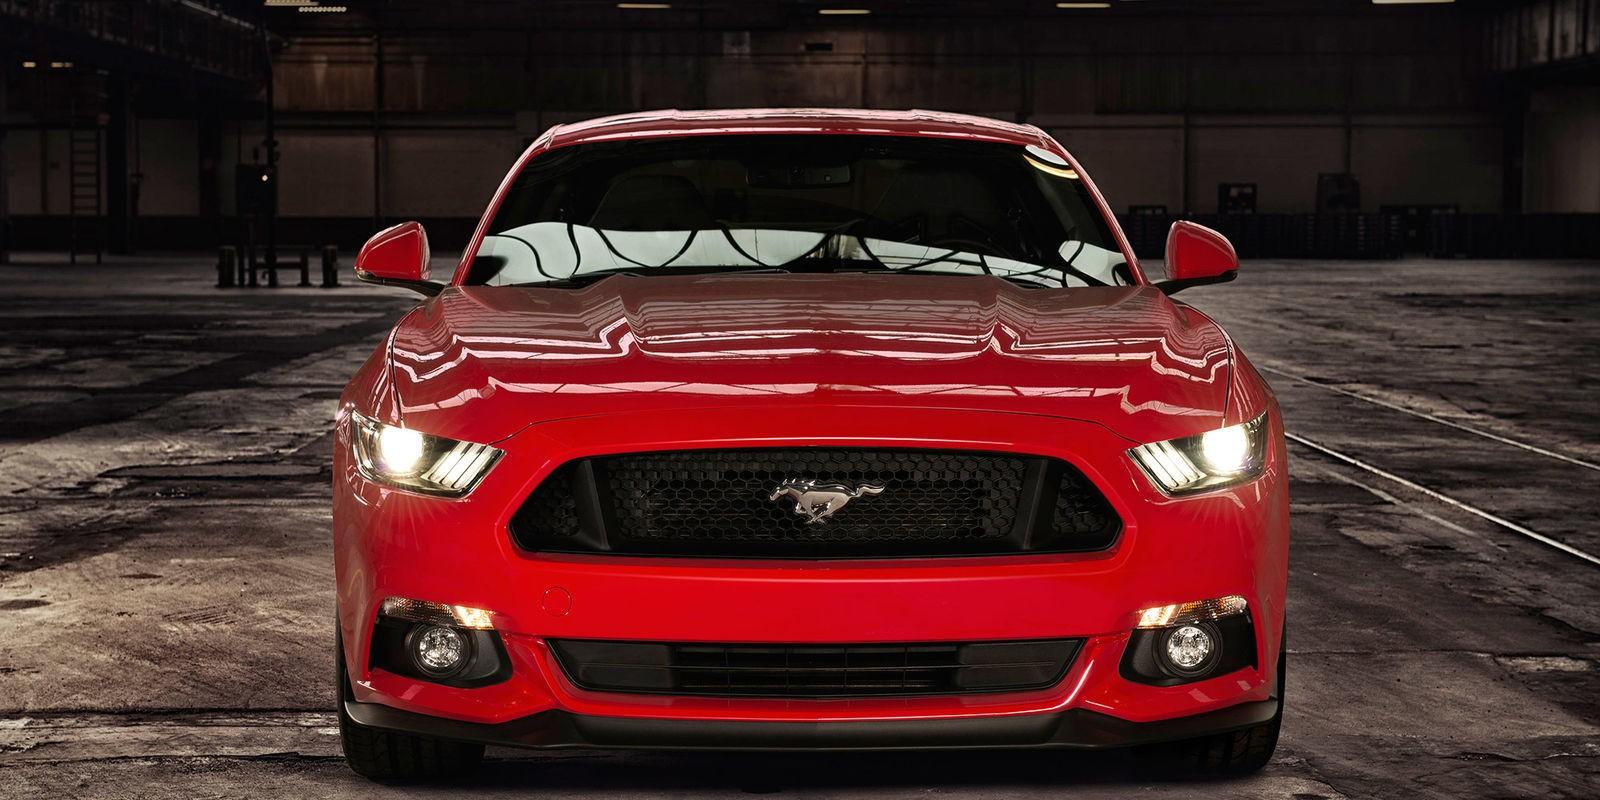 Форд Mustang после рестайлинга получил 10-ступенчатую трансмиссию